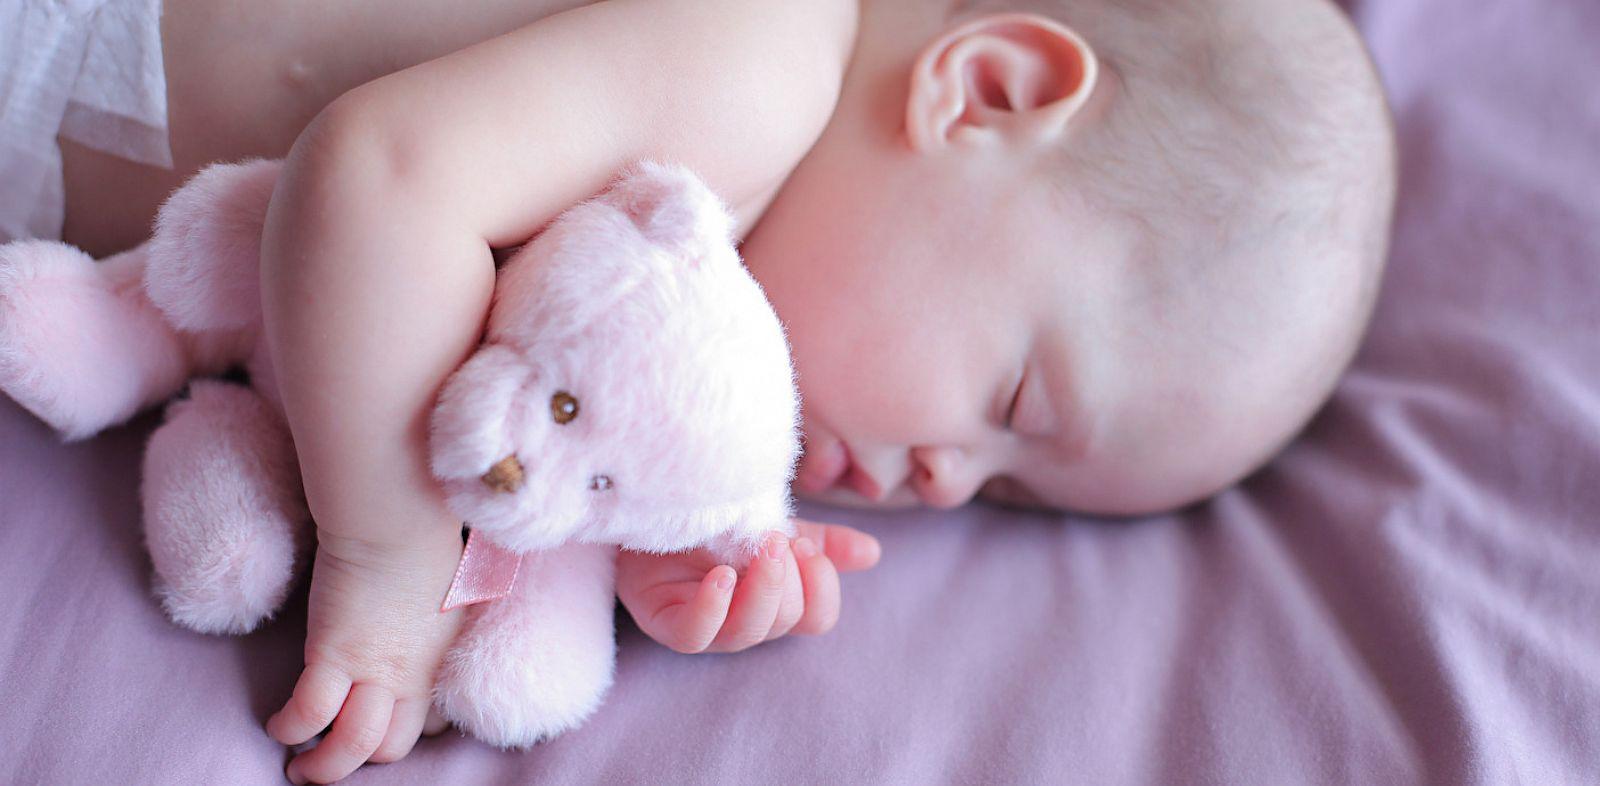 PHOTO: Baby Faith with teddy bear